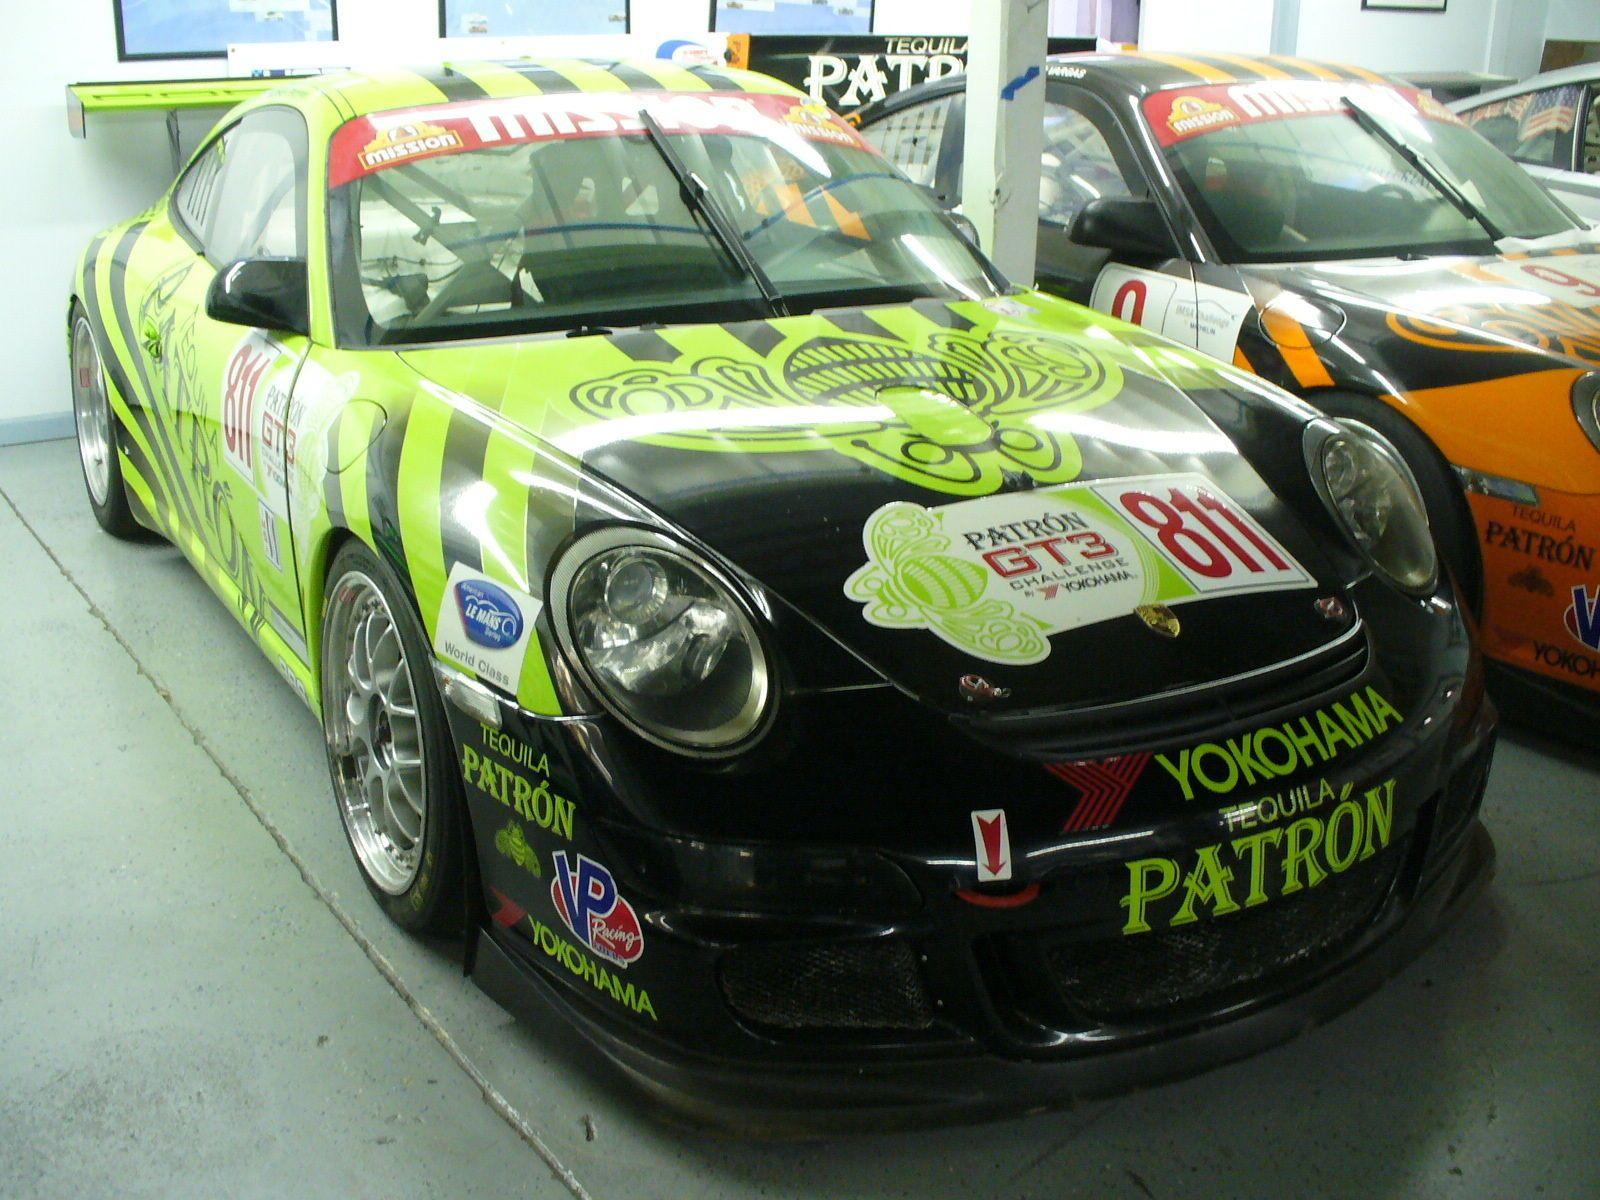 2008 Porsche 997 GT3 CUP Challenge Patron Tequila Team Daytona ...